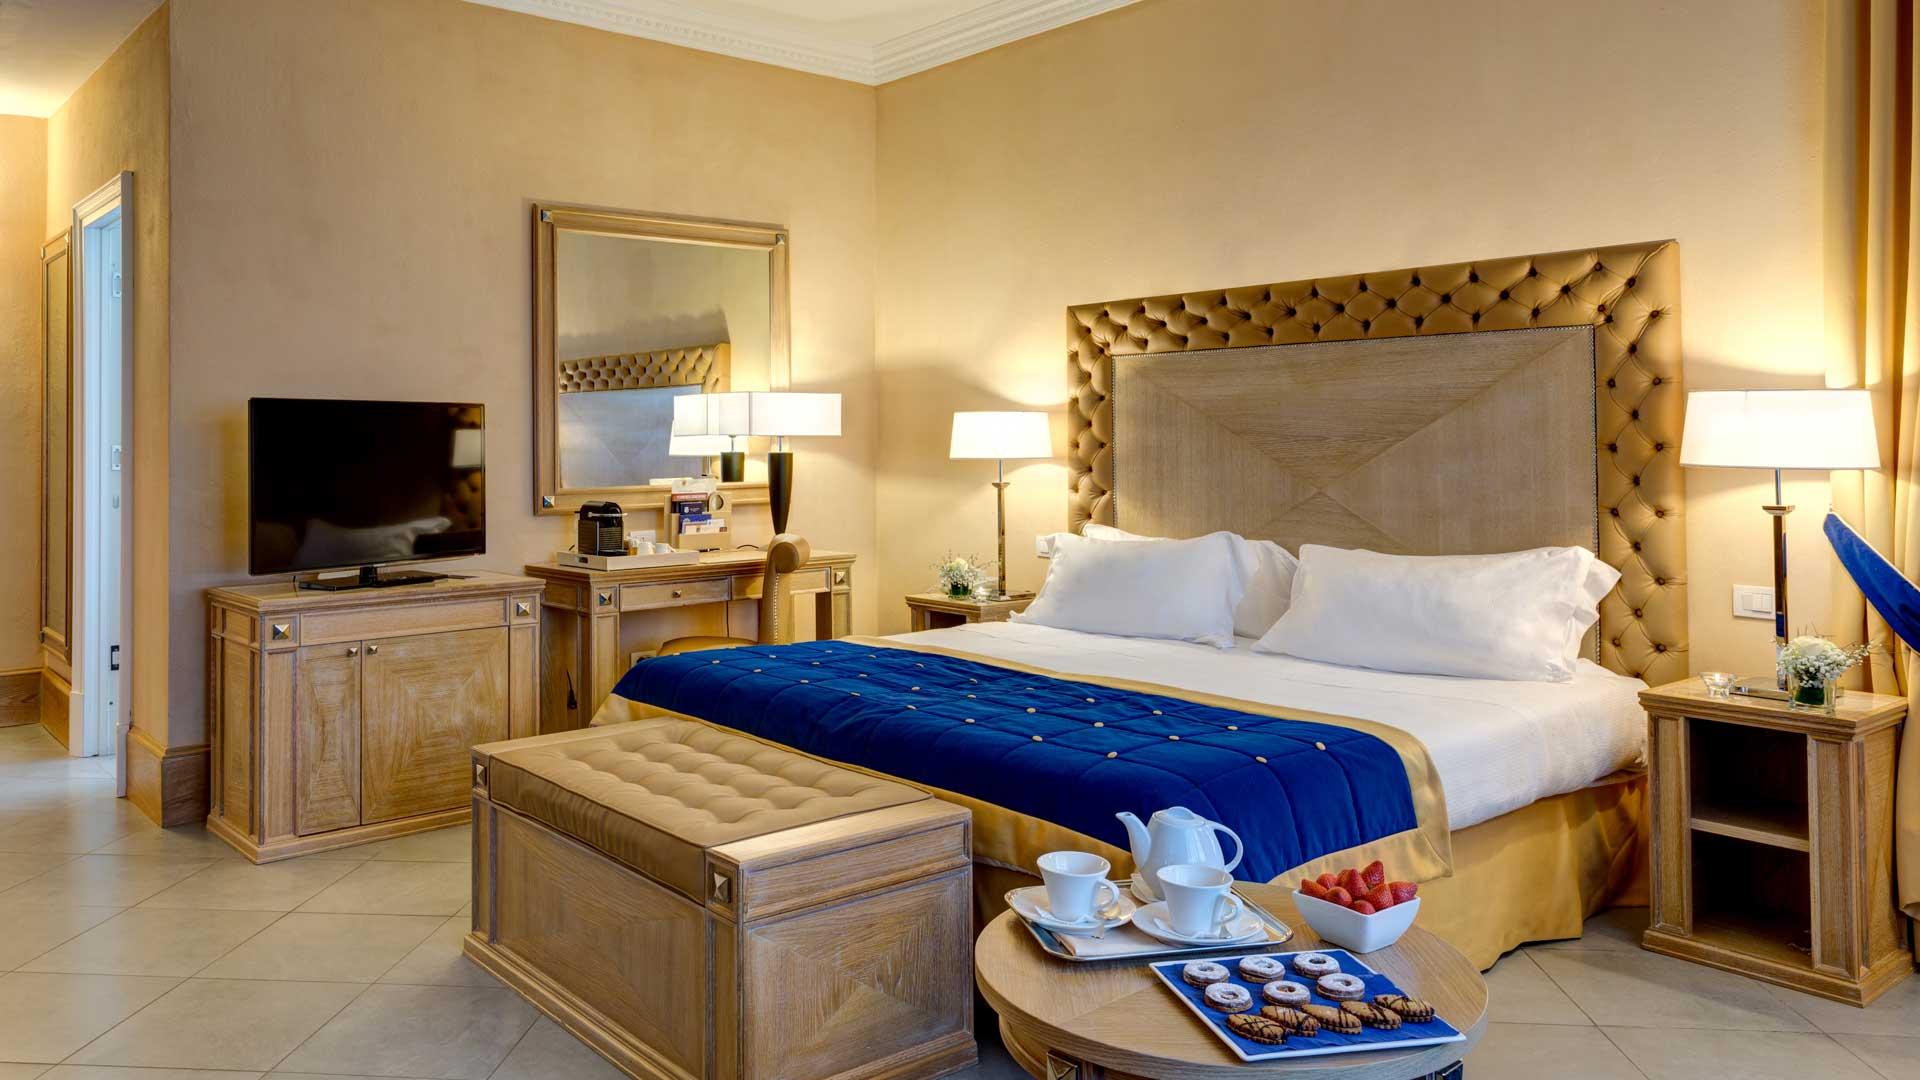 Deluxe Room - Villa Tolomei Hotel & Resort 5 stelle